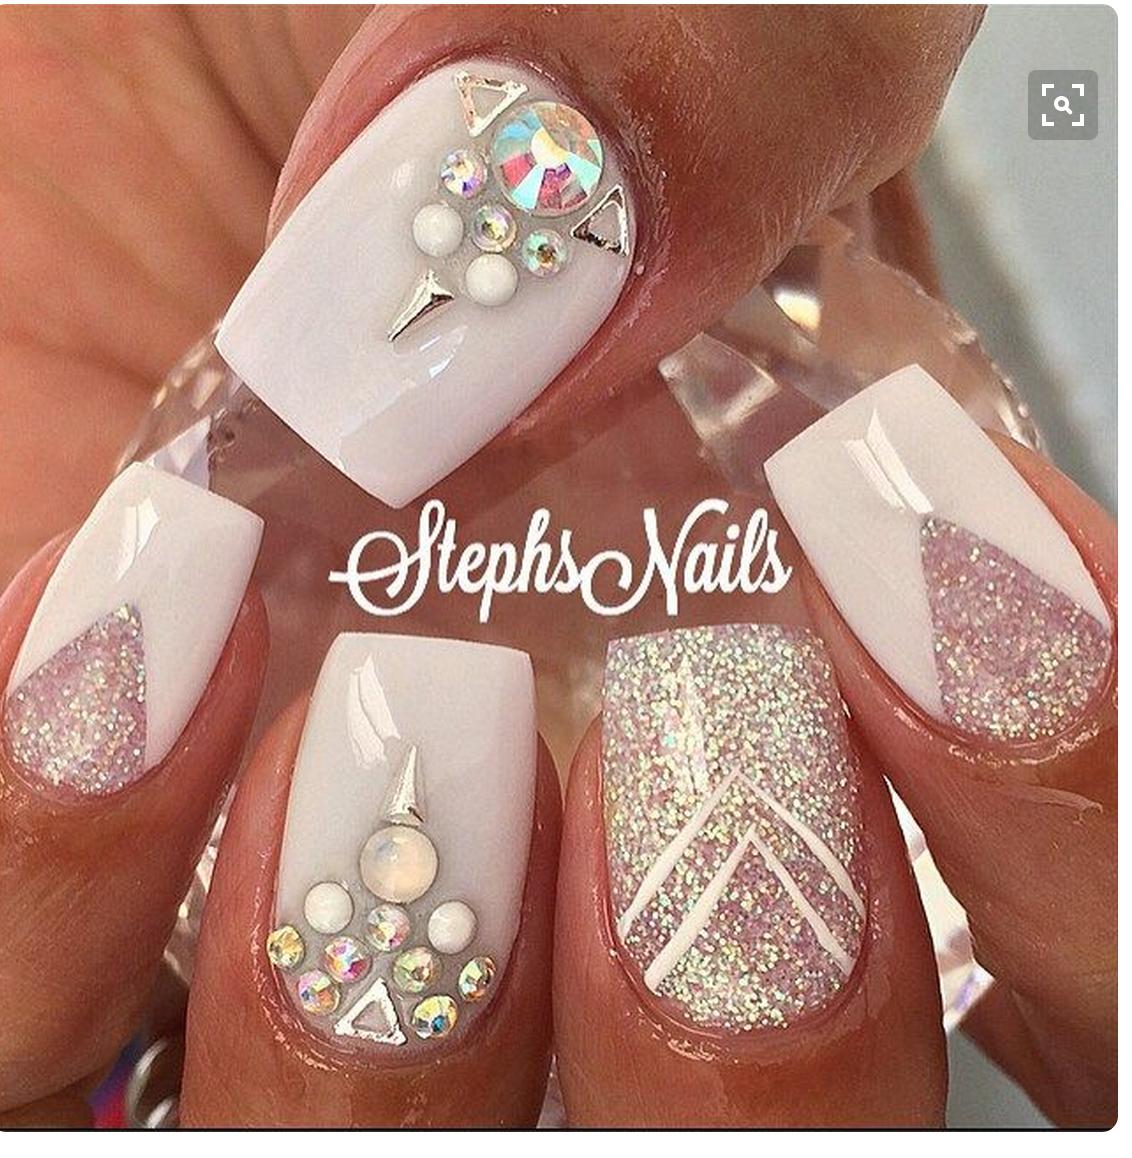 Pin by Gracie Jean🌼 on Nails | Pinterest | Make up, Nail nail and ...